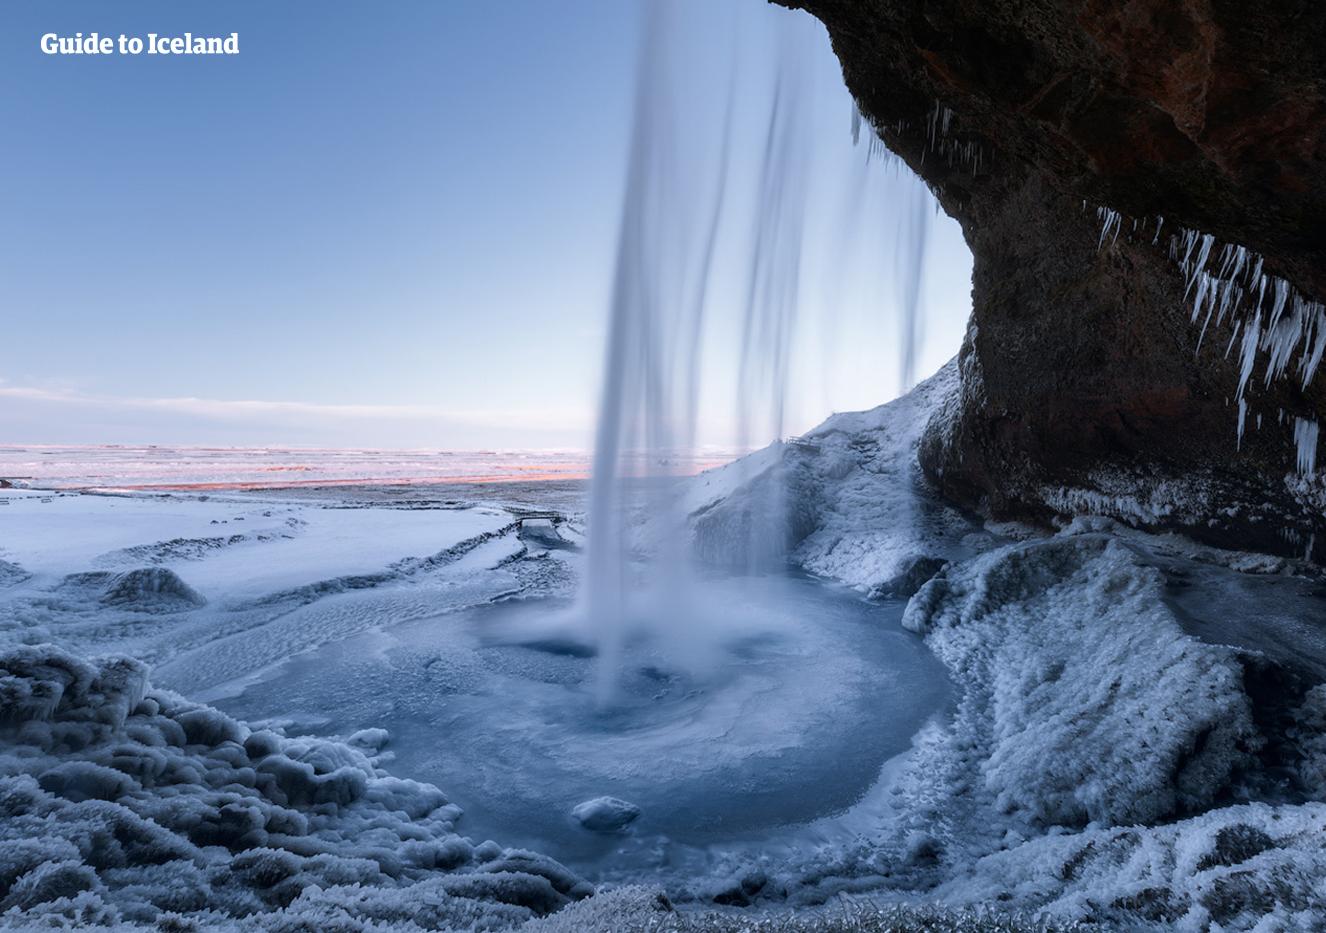 아이슬란드의 겨울을 즐기는 여행으로 밤하늘을 멋있게 장식하는 오로라를 볼 기회가 생깁니다.